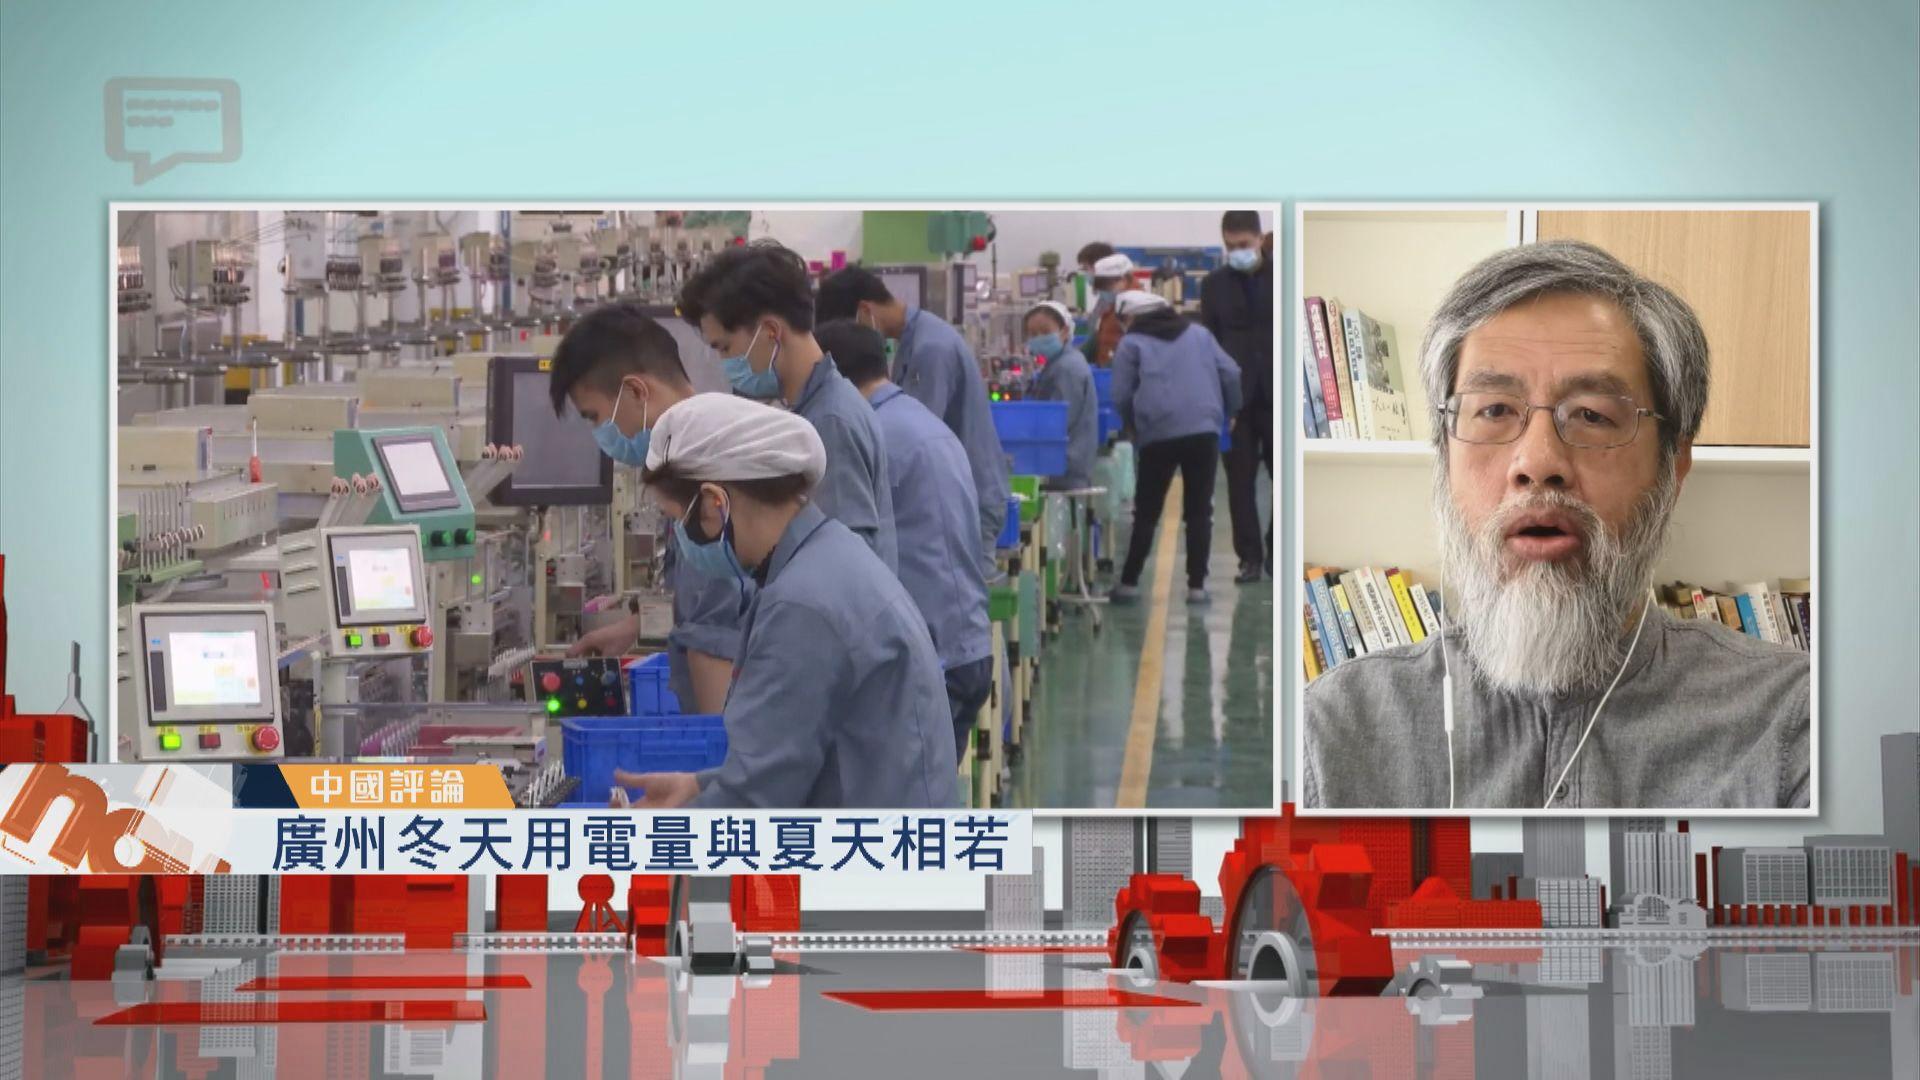 【中國評論】廣州用電量/年輕人整容